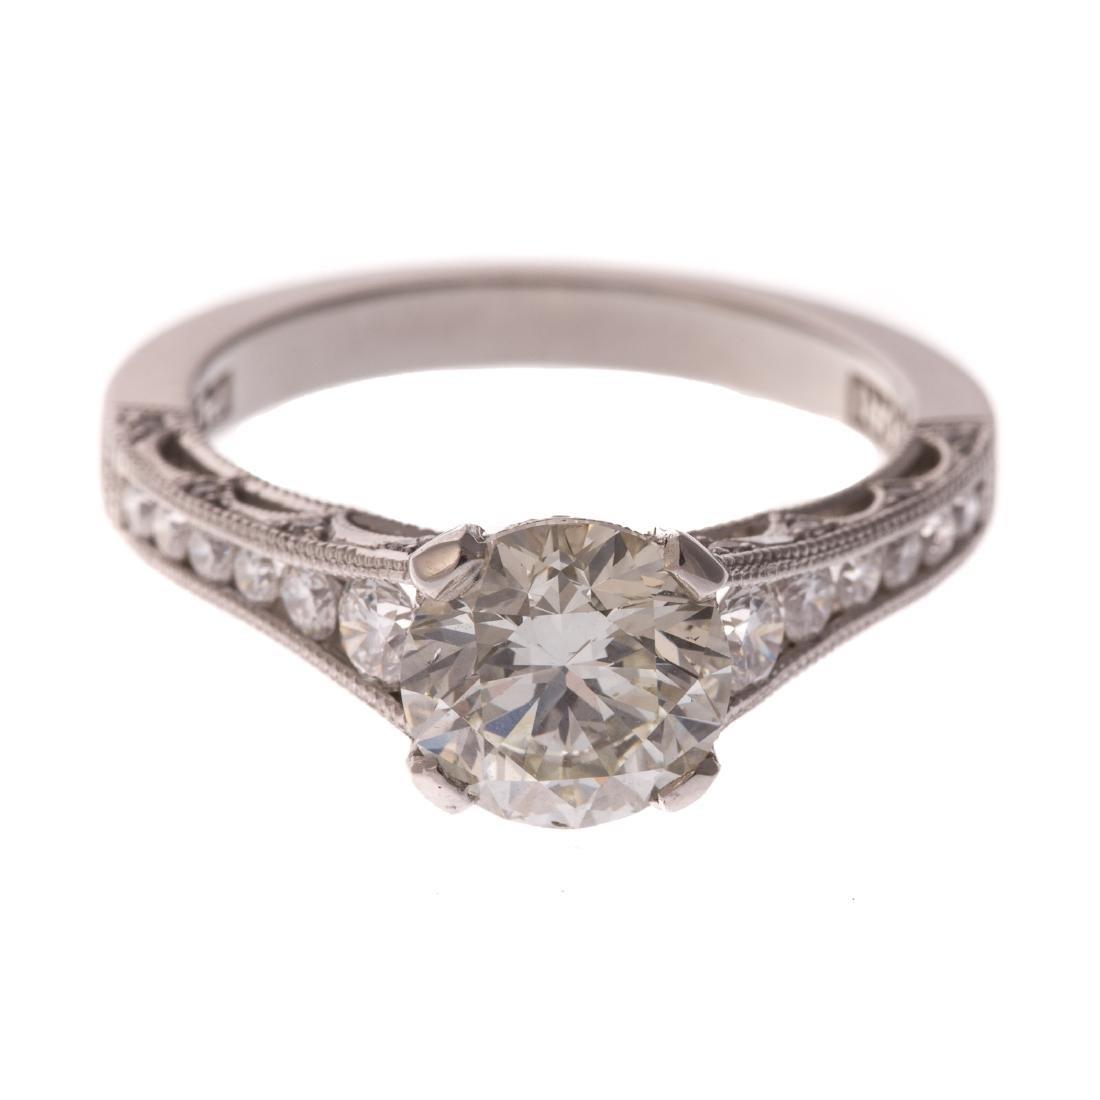 A Ladies 2.00ct Diamond Ring in Platinum by Tacori